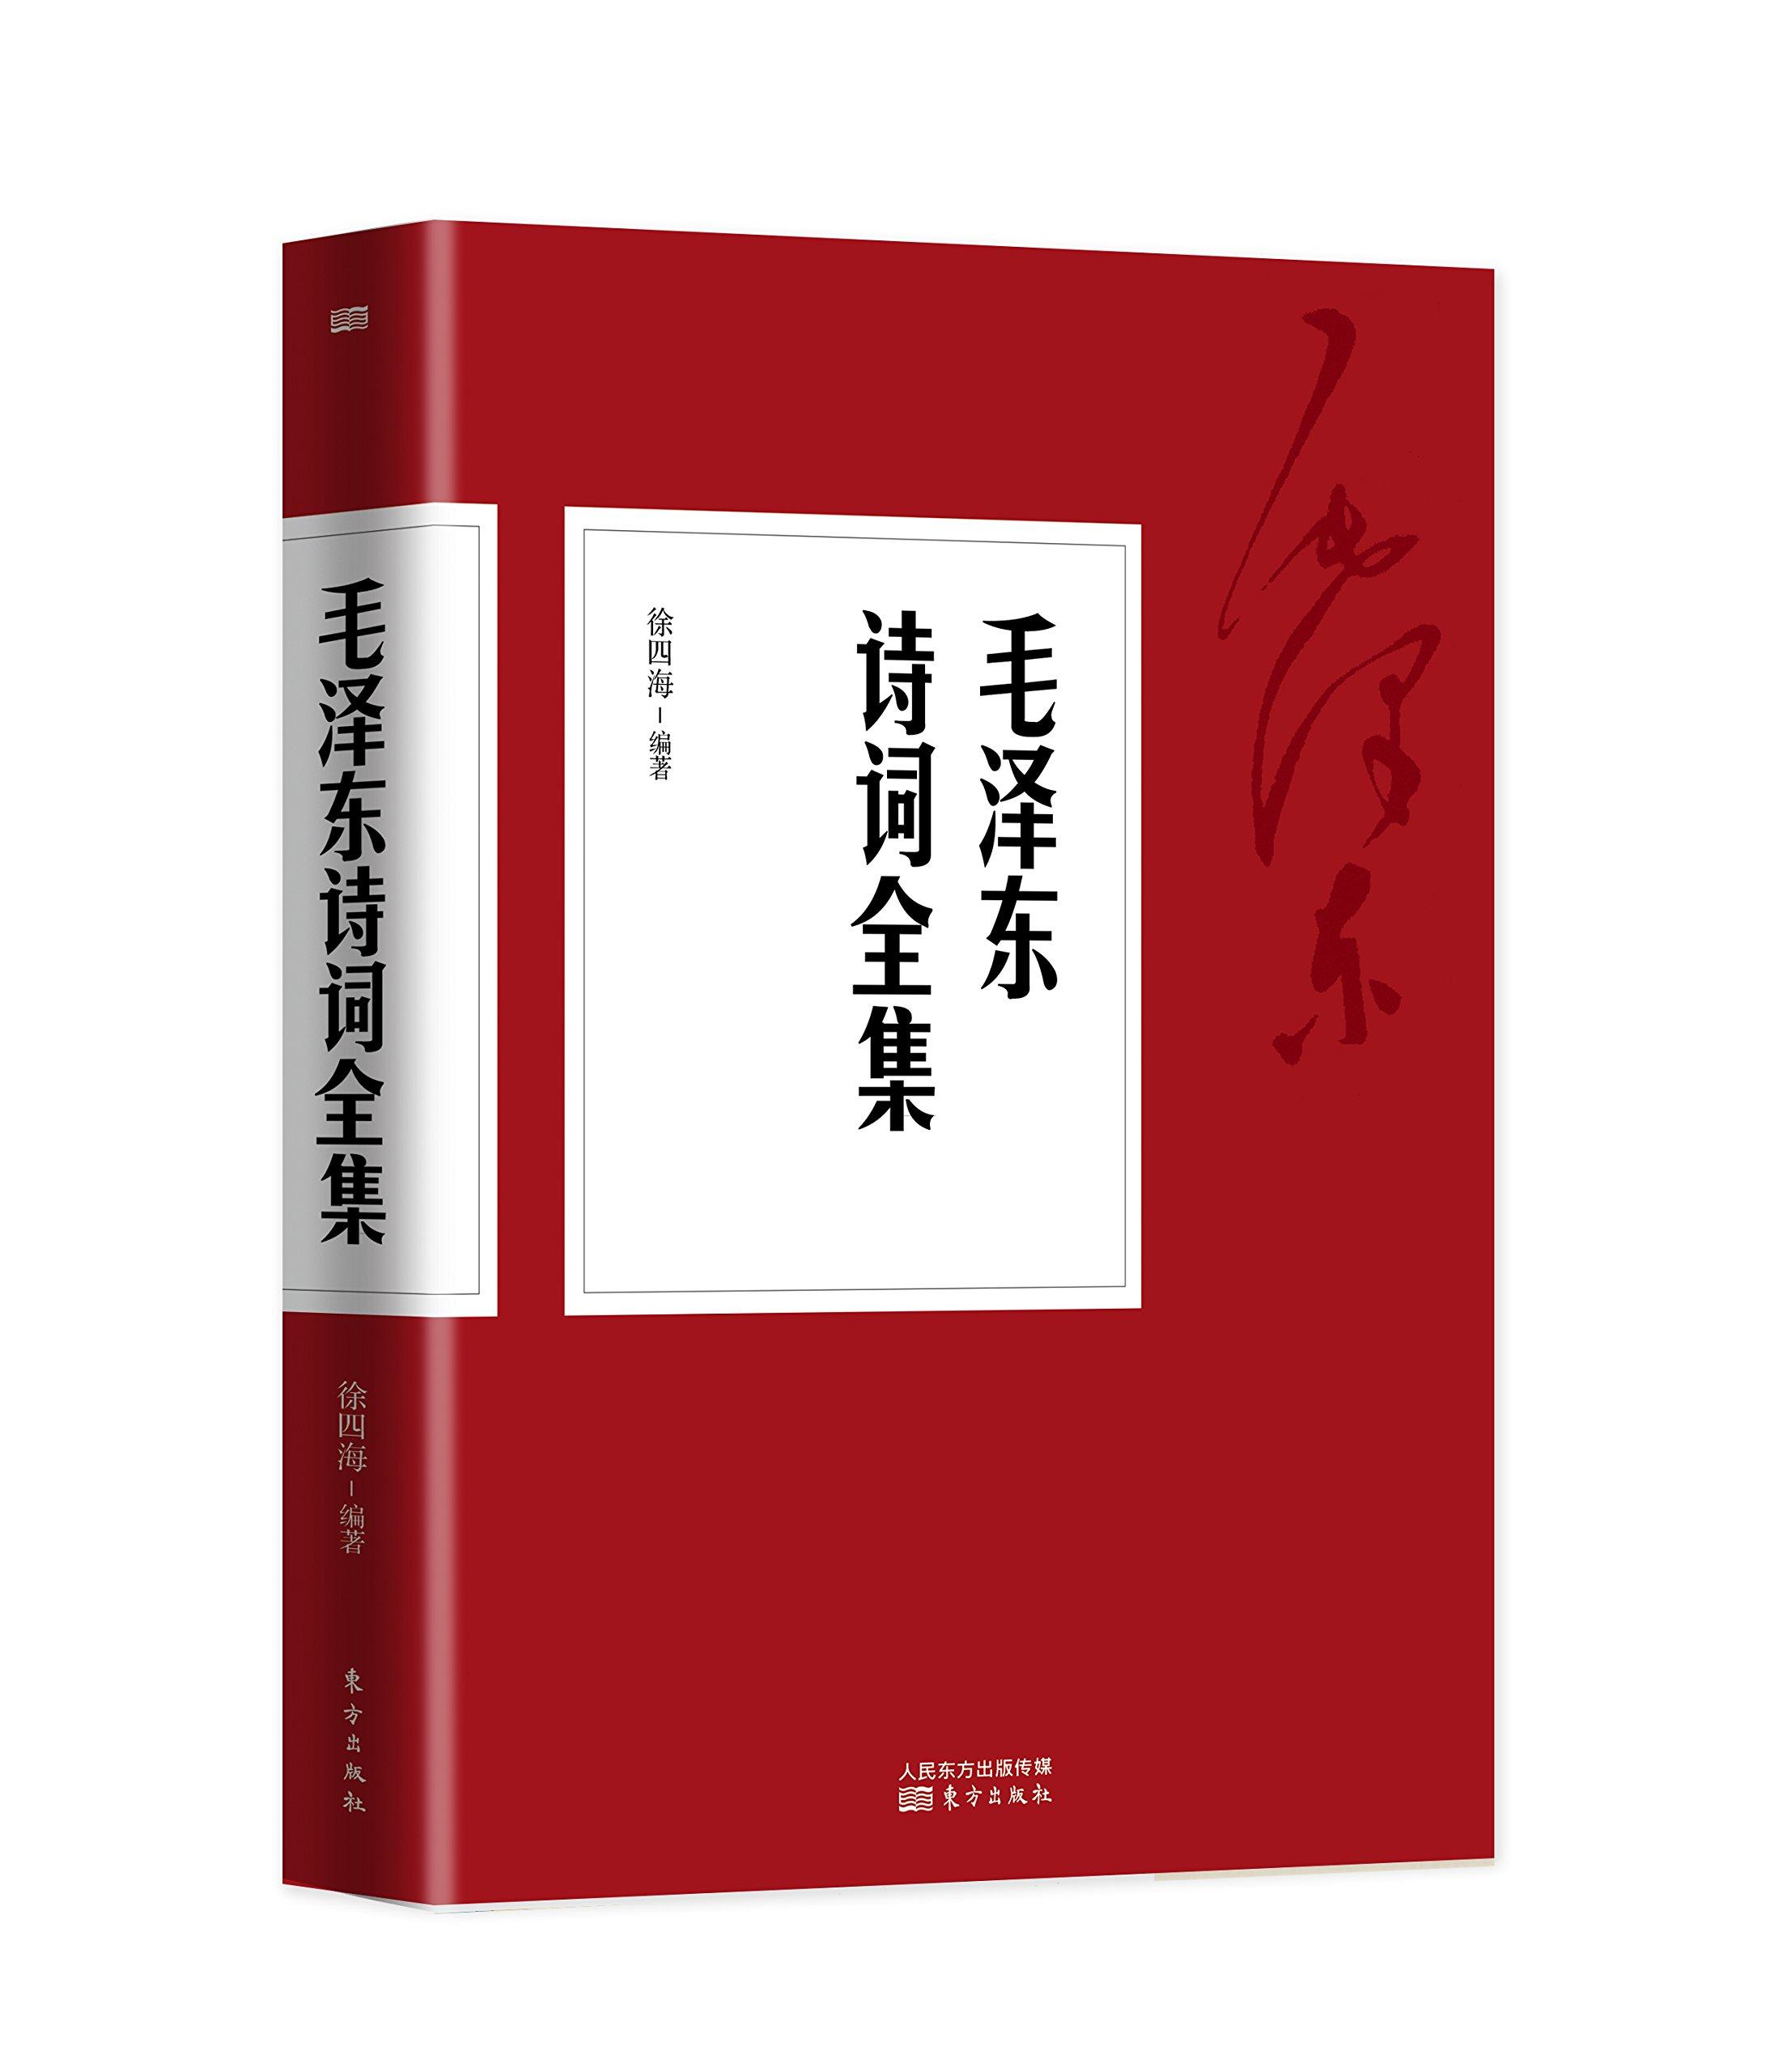 毛泽东诗词全集 PDF